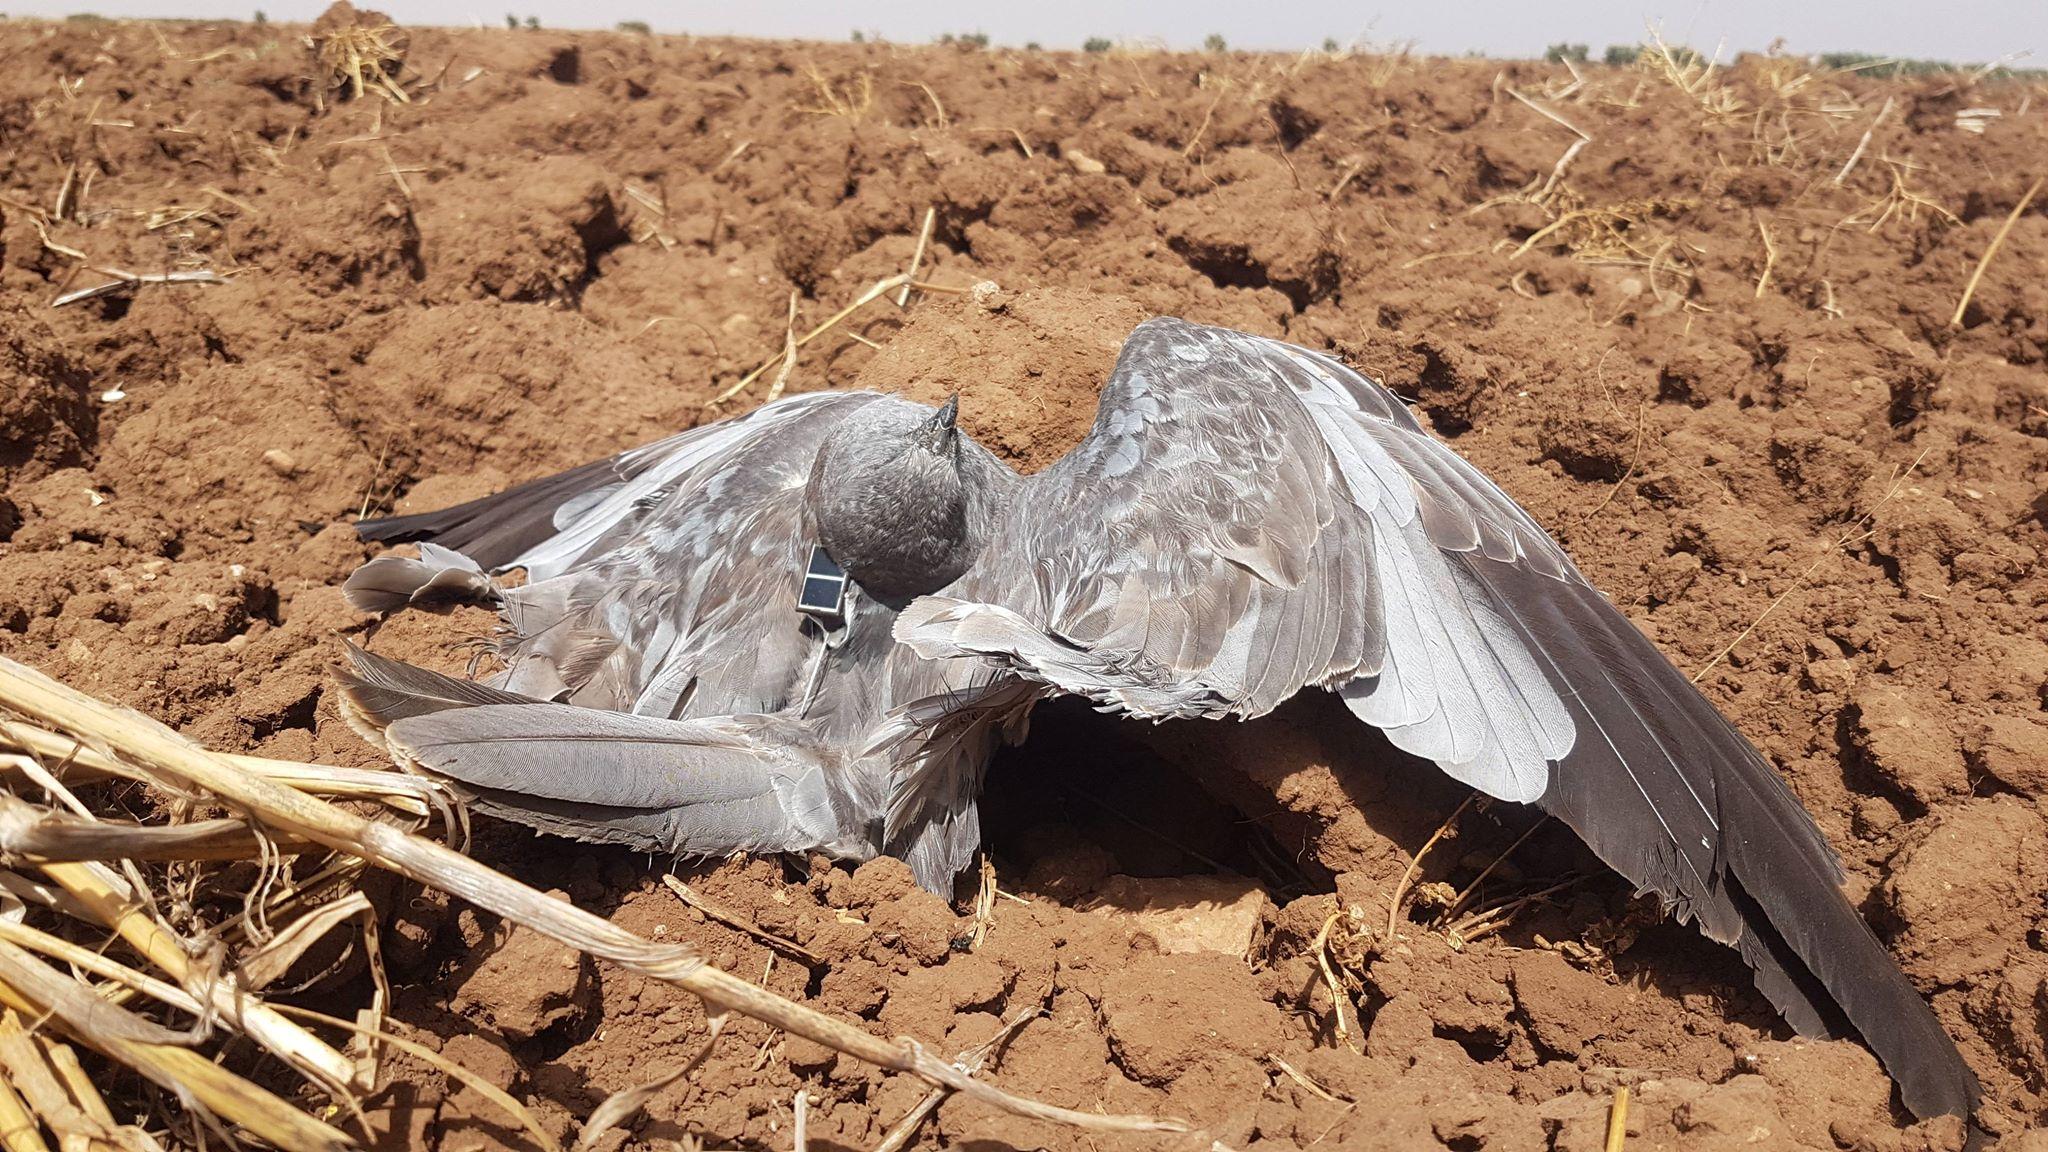 Busard cendré (Circus pygargus) suivi par balise GPS de la France retrouvé mort au Maroc, probablement abattu par des braconniers, 26 août 2018 (Karim Rousselon).